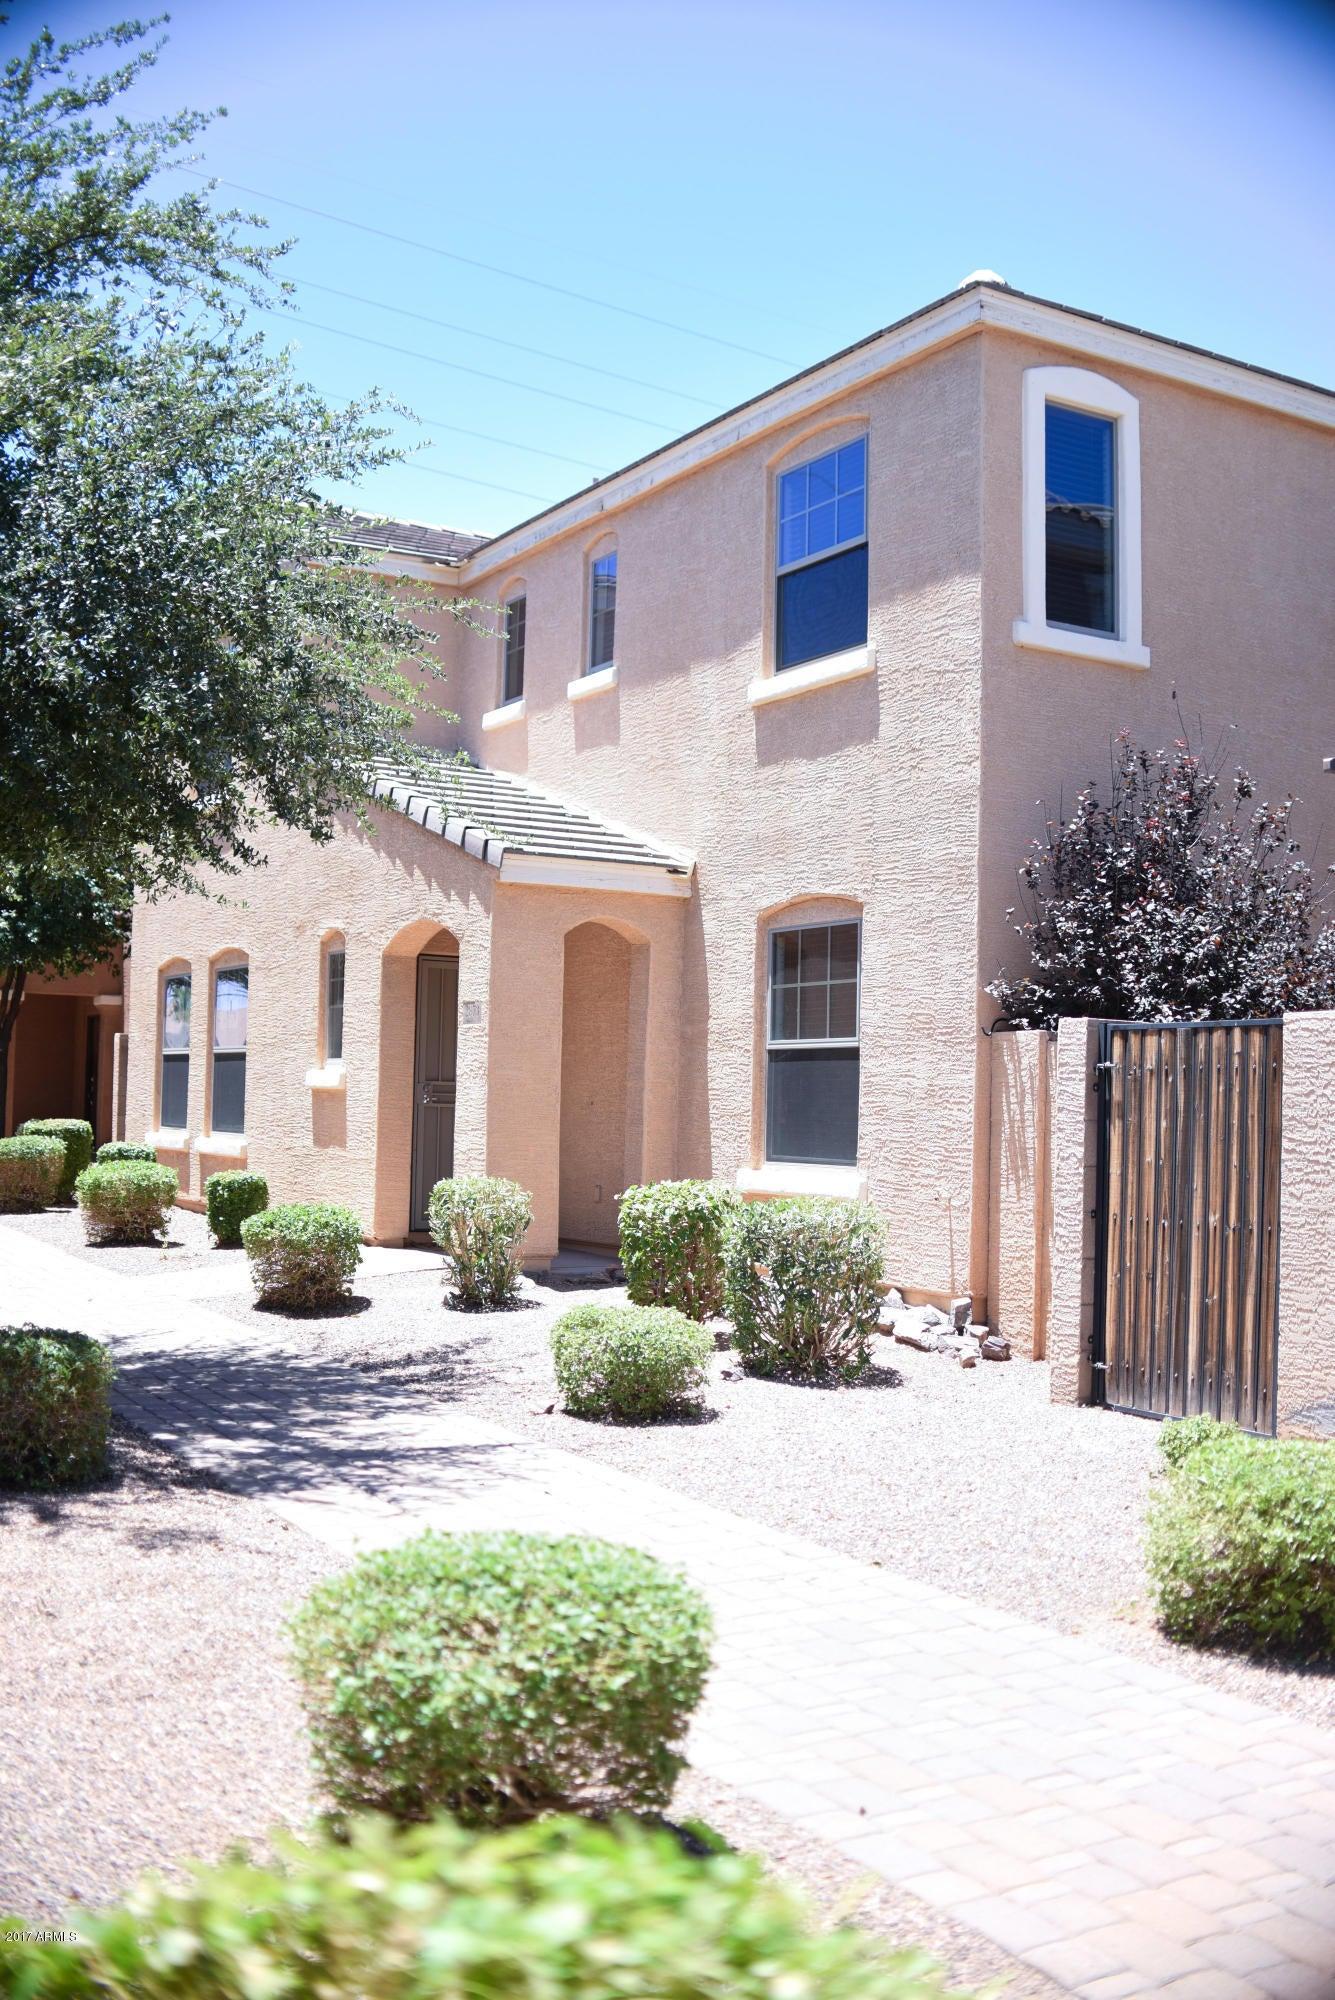 MLS 5622146 2873 E BART Street, Gilbert, AZ 85295 Gilbert AZ Lyons Gate